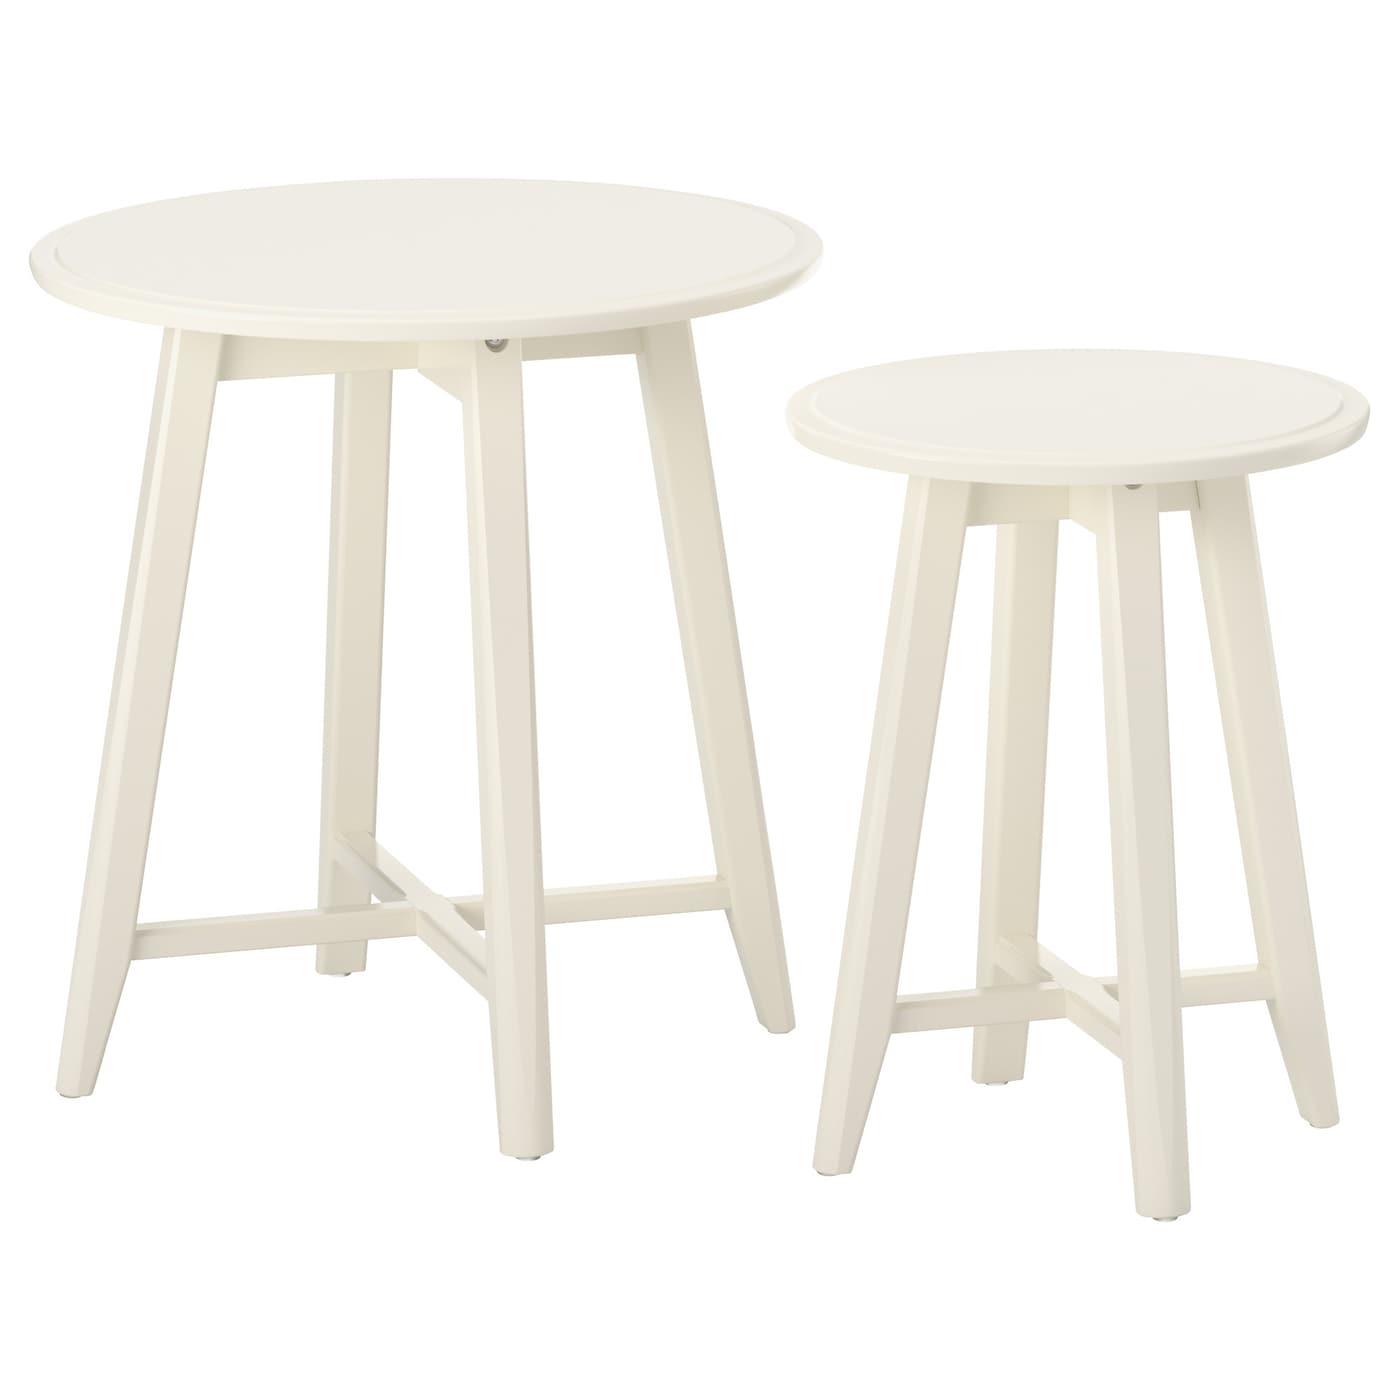 IKEA KRAGSTA białe stoliki, 2 sztuki